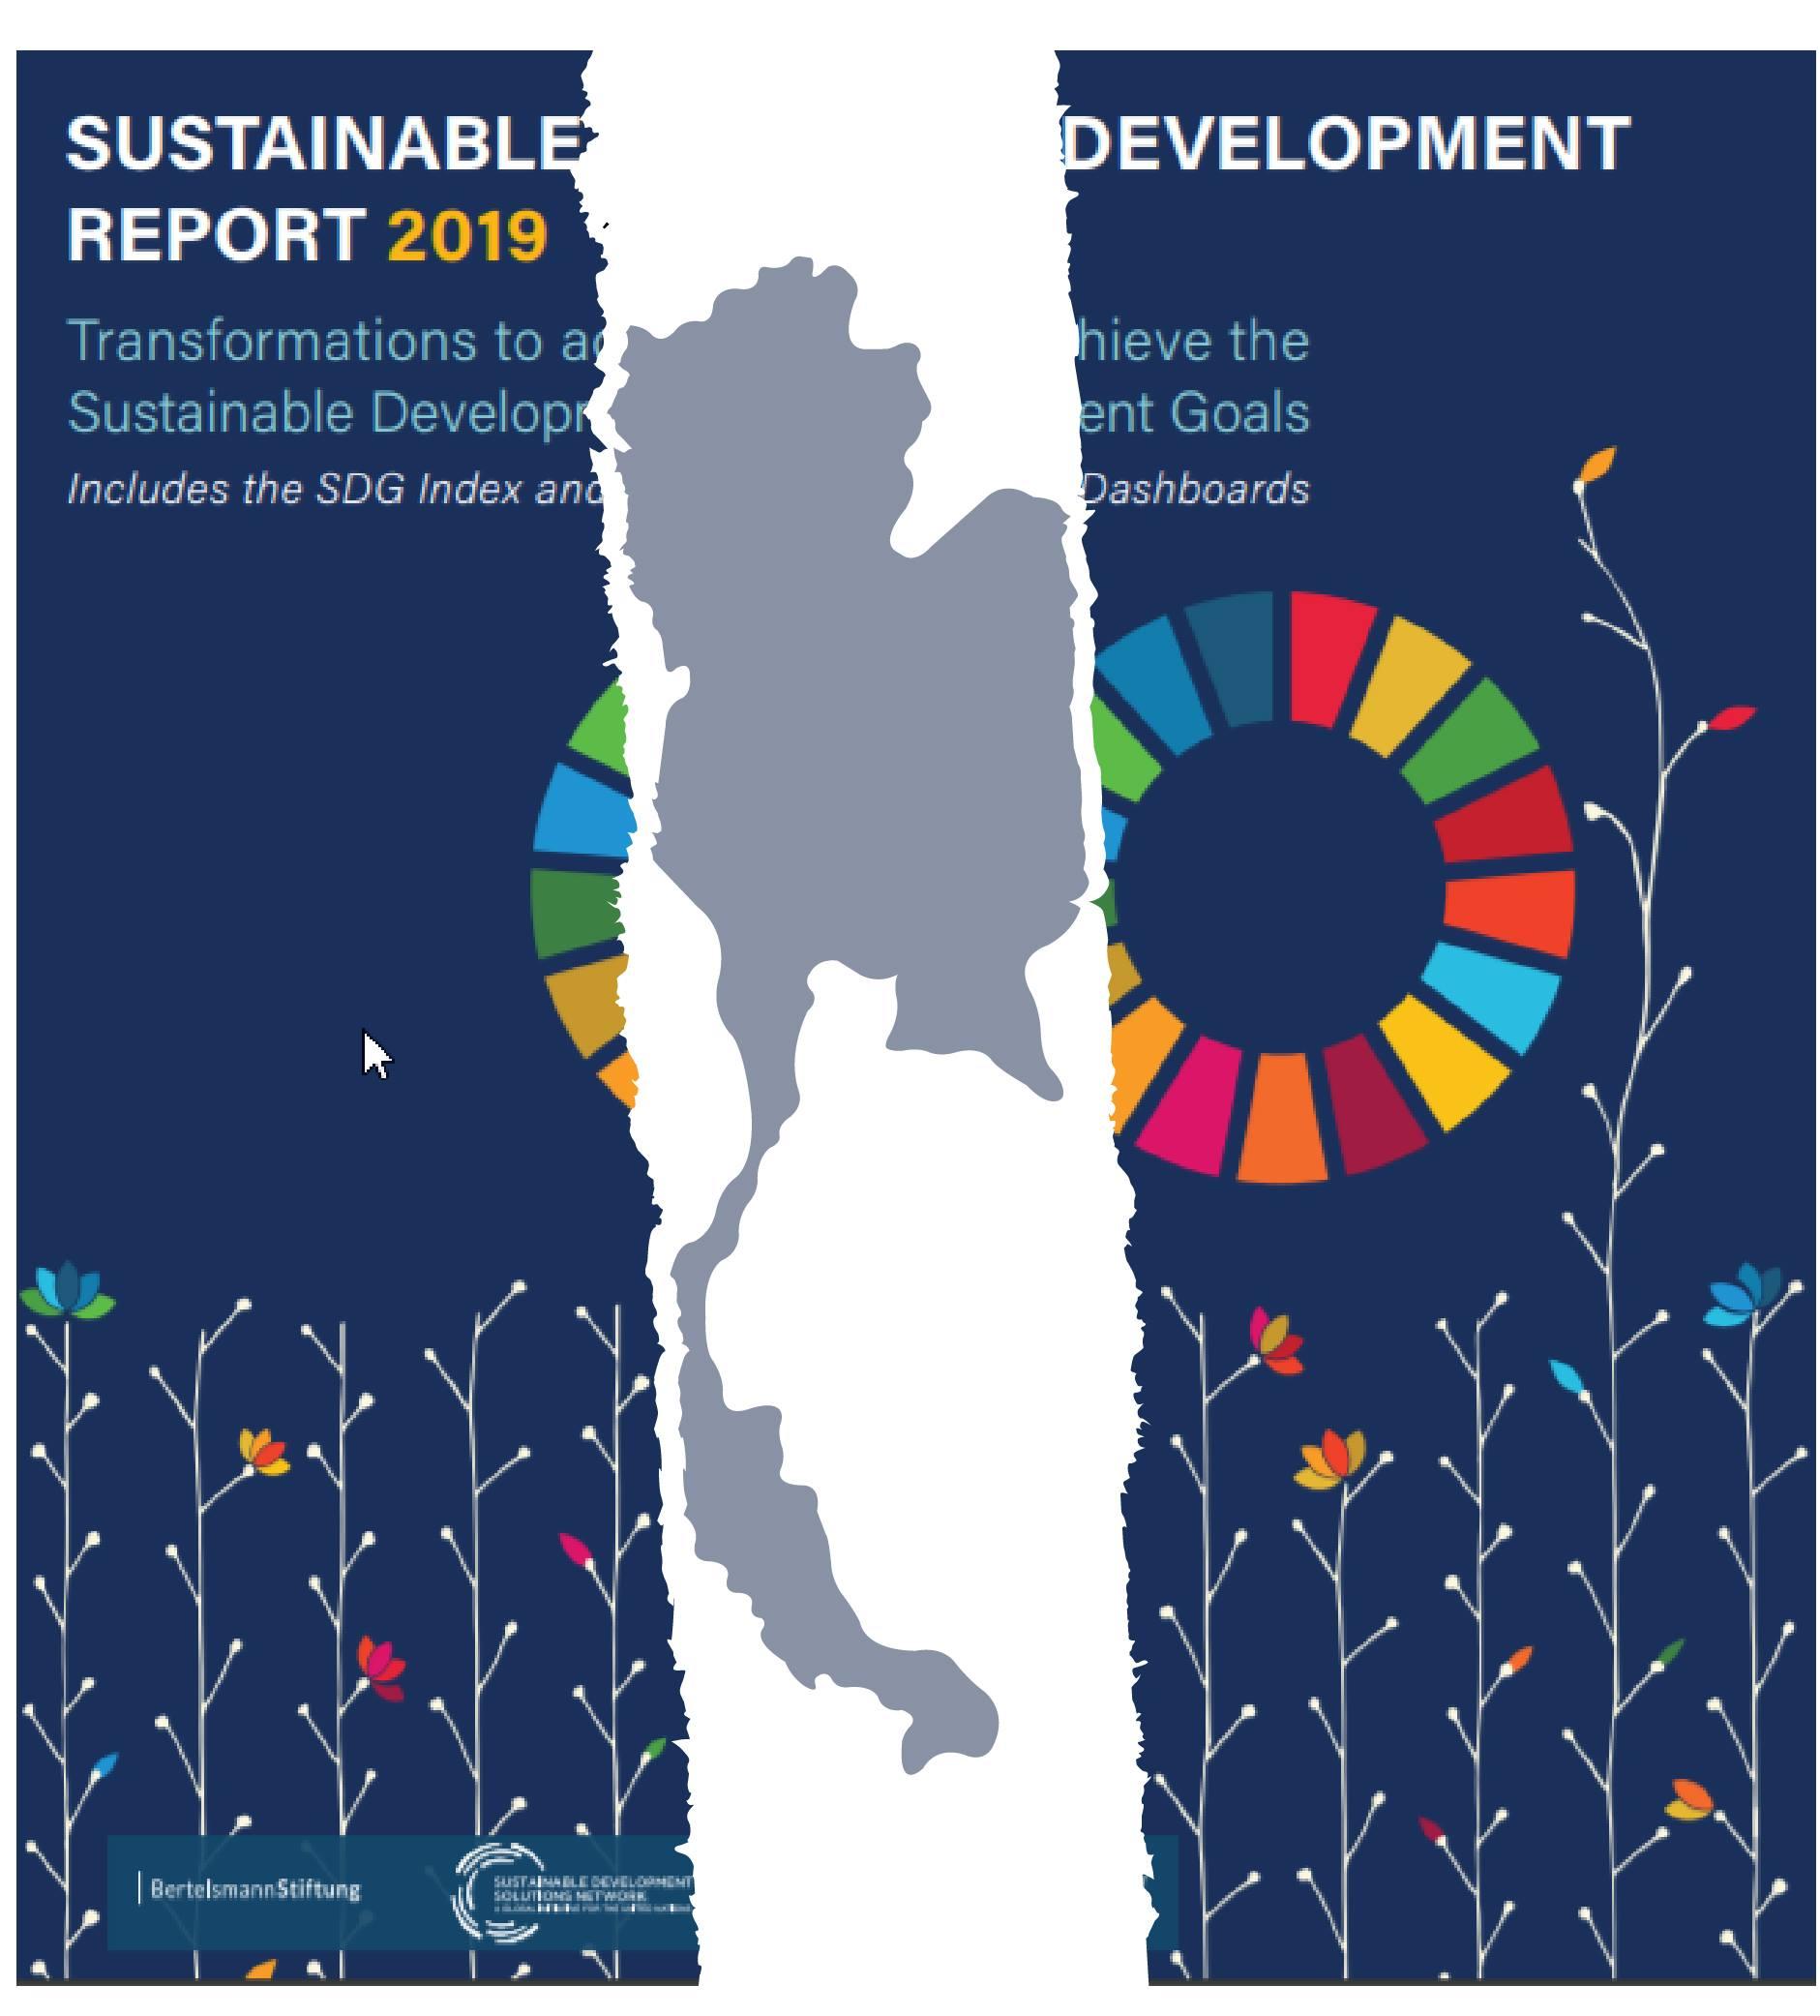 SDG Insights | สถานะประเทศไทยจาก SDG Index: 4 ปีผ่านไป อะไรดีขึ้นหรือแย่ลงบ้าง ?